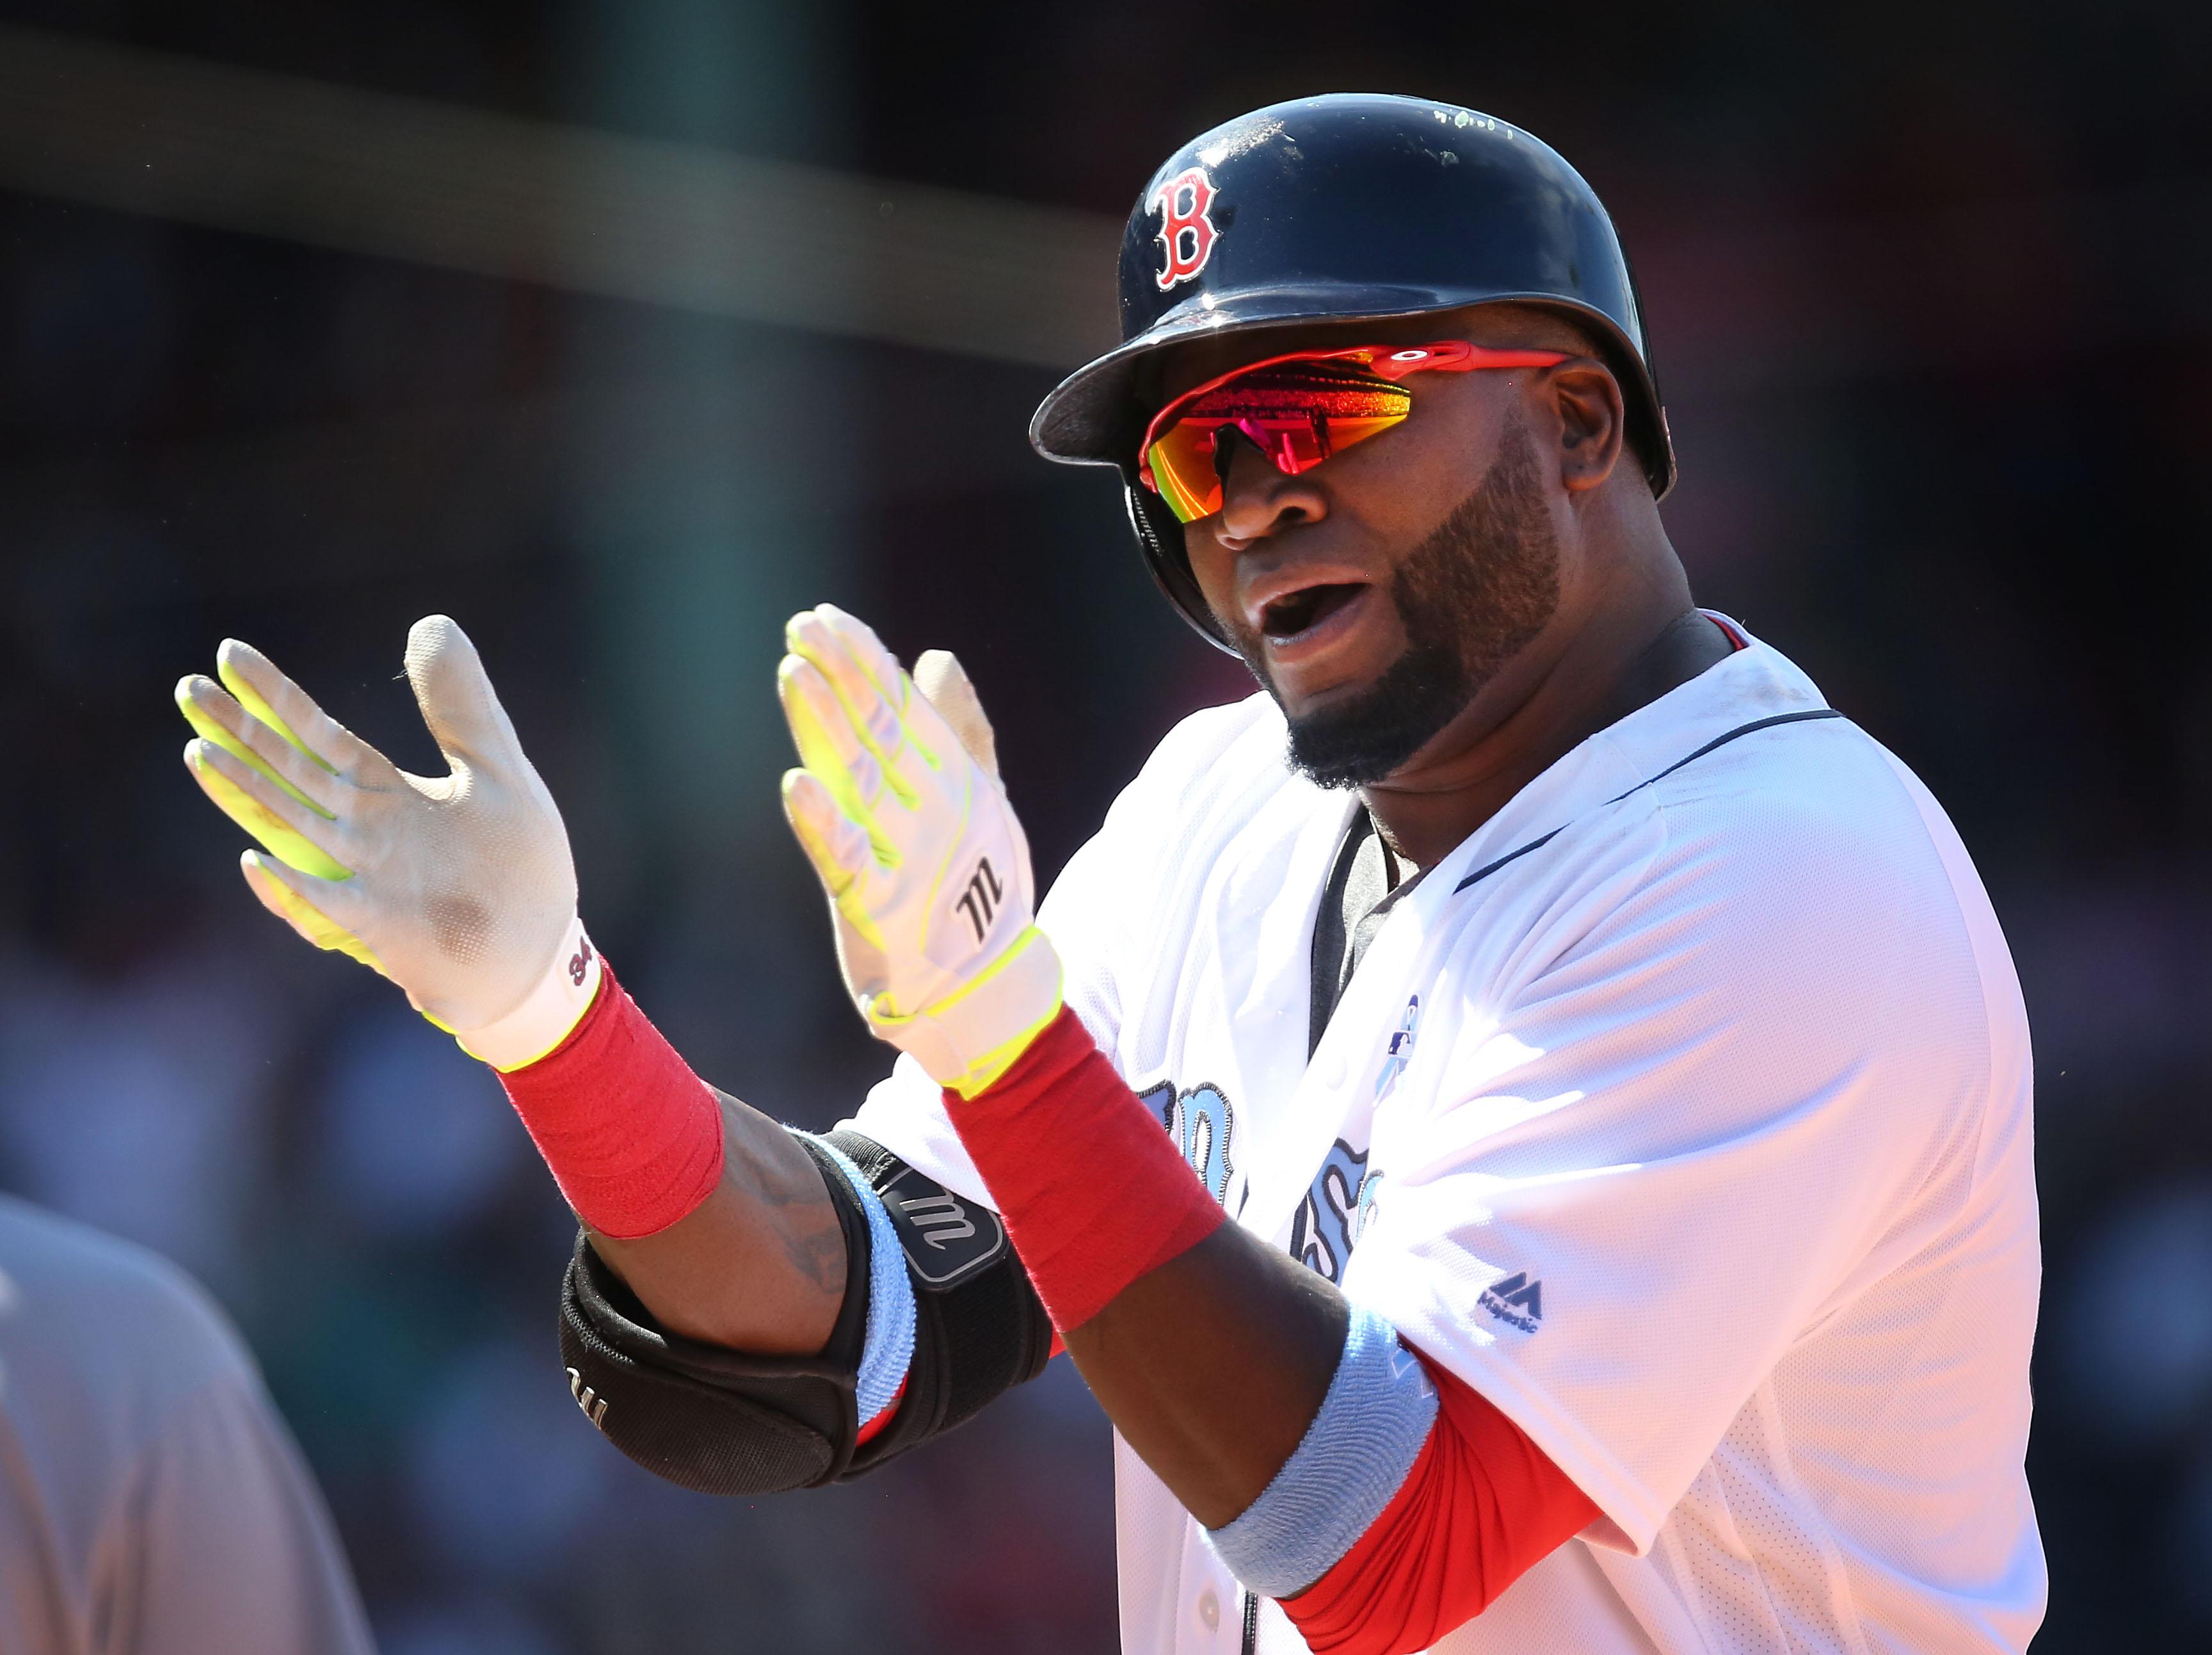 David Ortiz, Boston Red Sox, MLB, All-Star Game